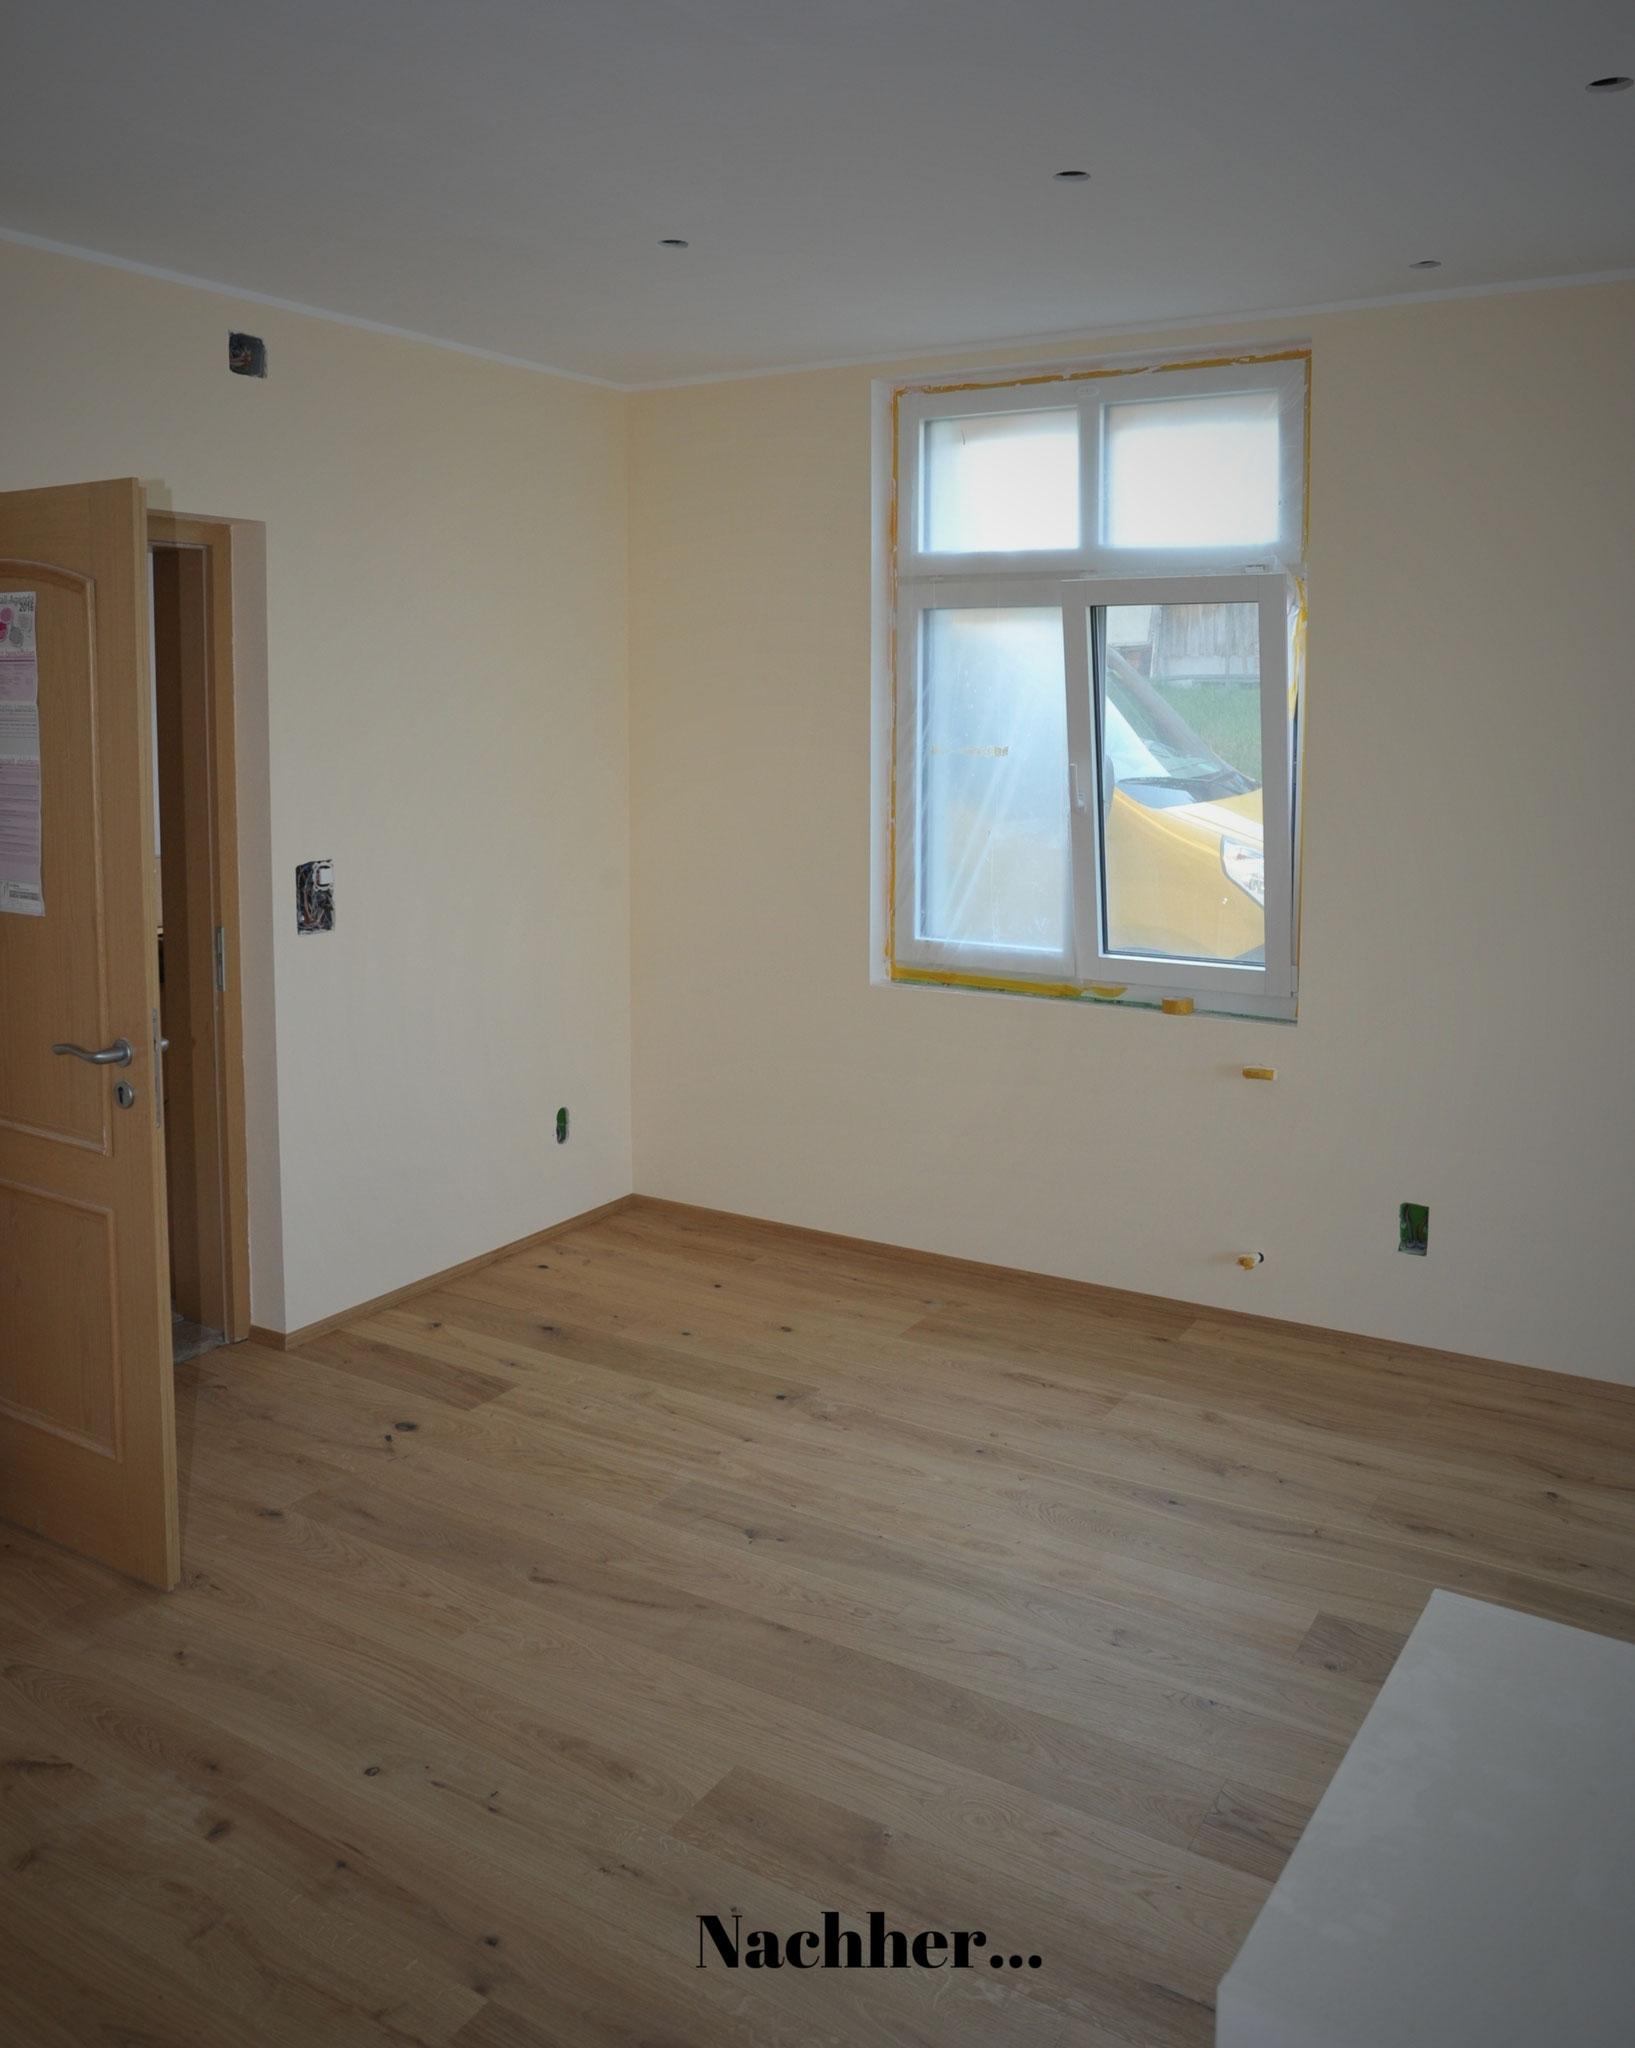 Eiche Parkettboden und Kalk-Streichputz an den Wänden sorgen gemeinsam mit einer optimal abgestimmten Dämmung der Aussenwände für ein angenehmes Raumklima.